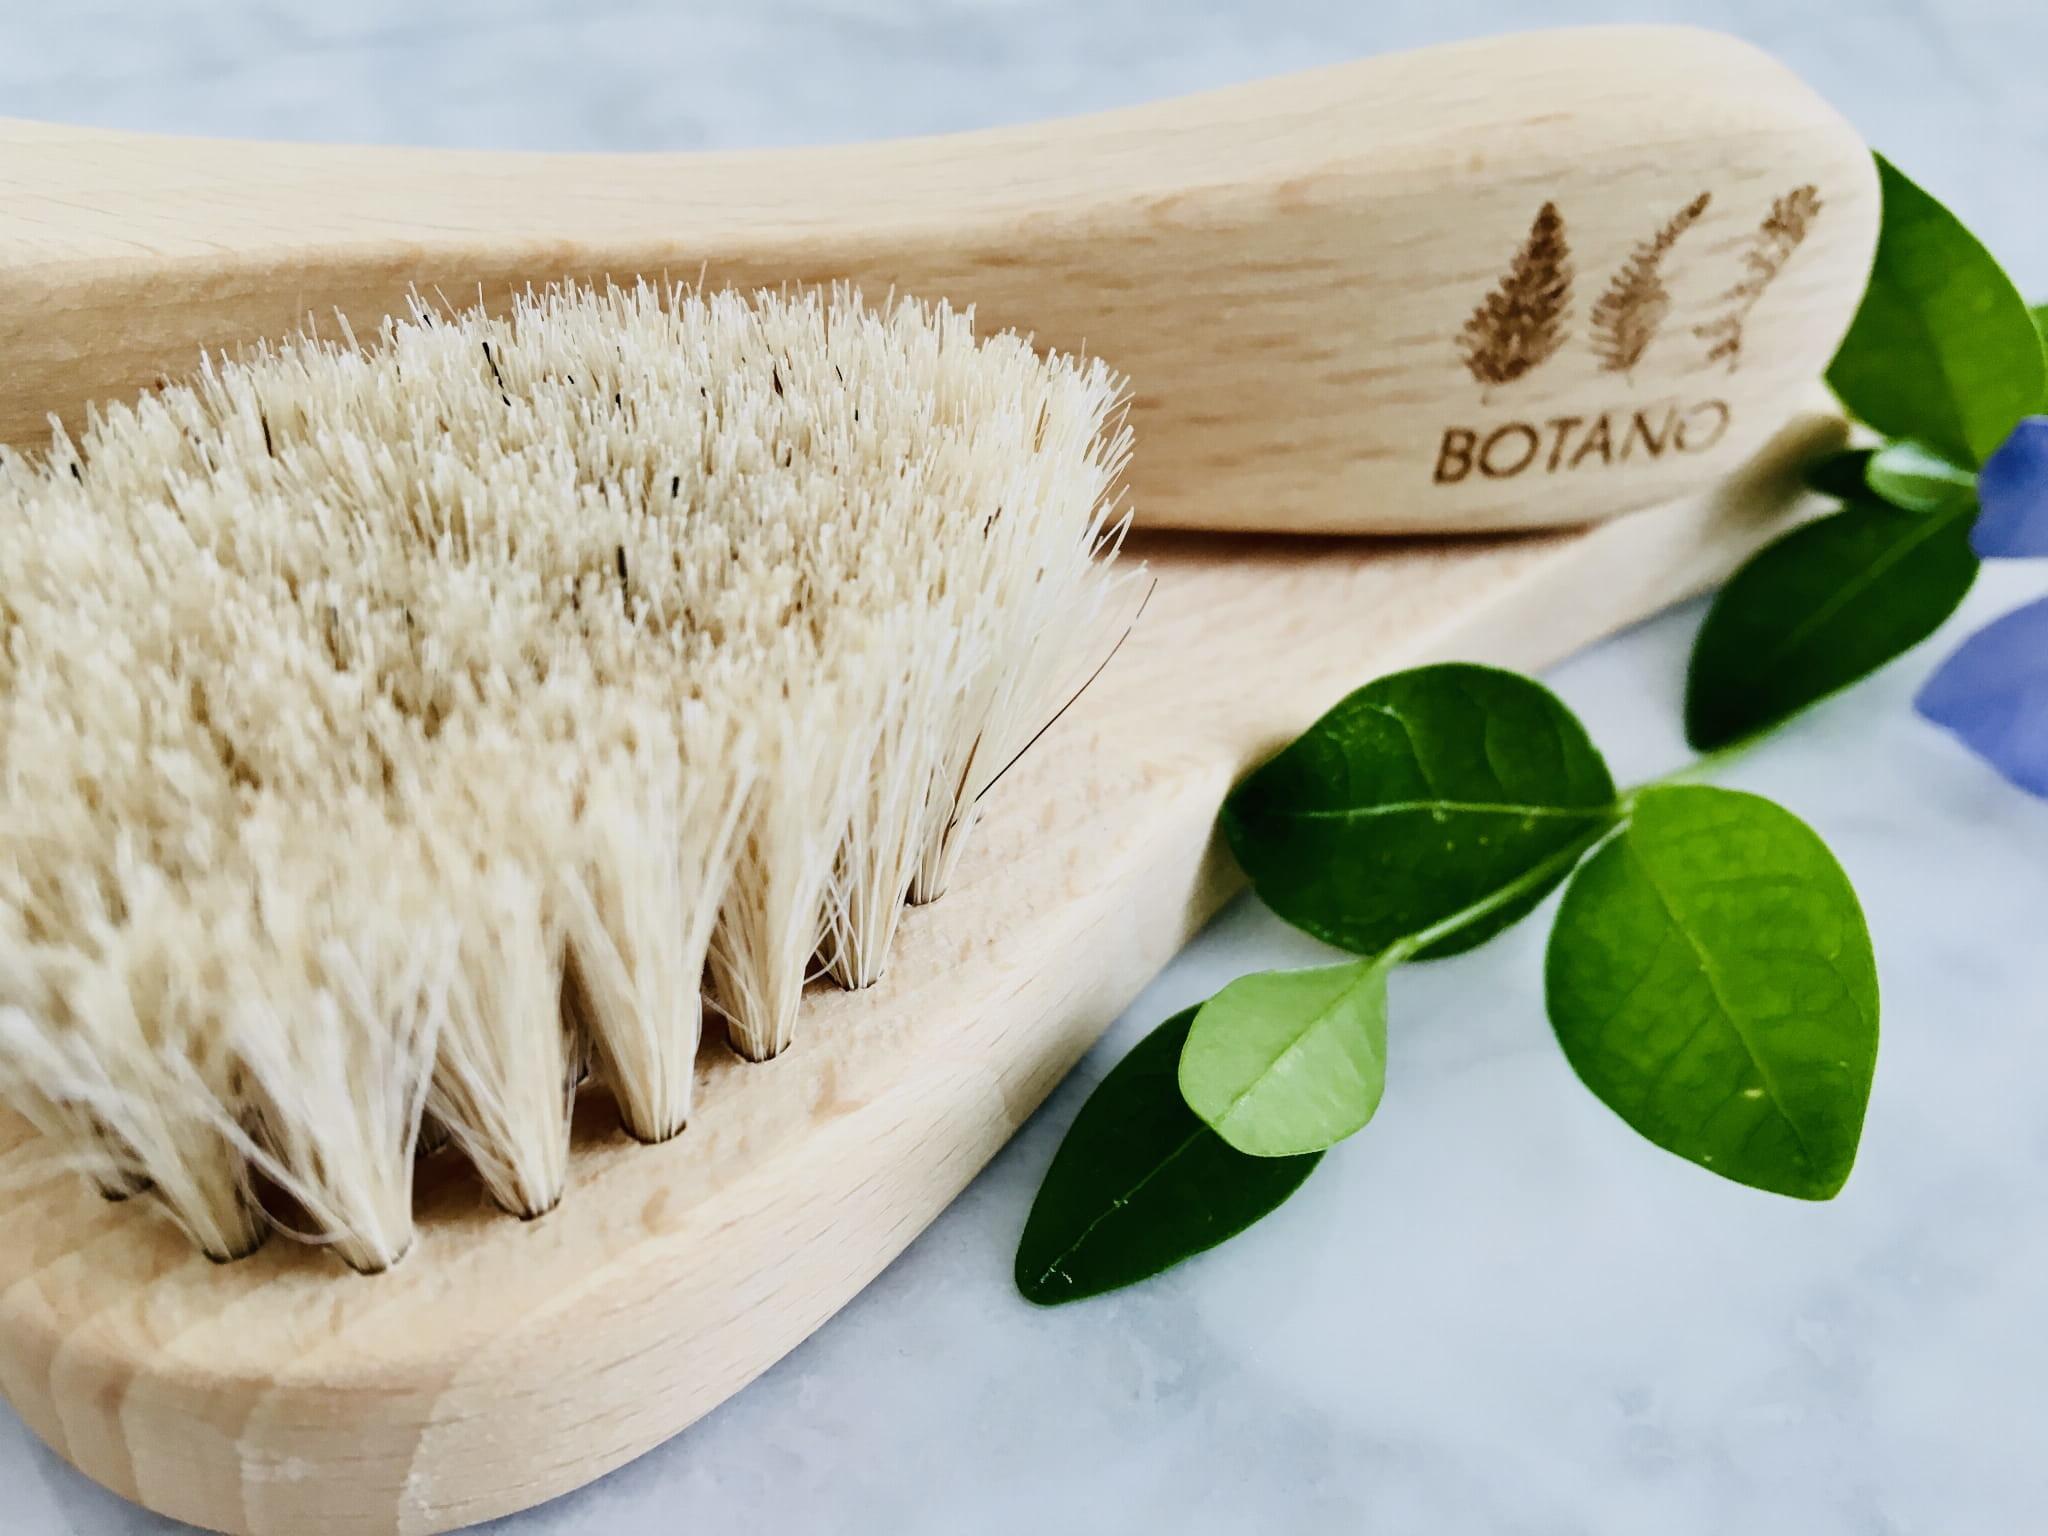 Botano Botano Szczotka Do Masażu Twarzy I Peelingu Na Sucho Z Naturalnym Włosiem